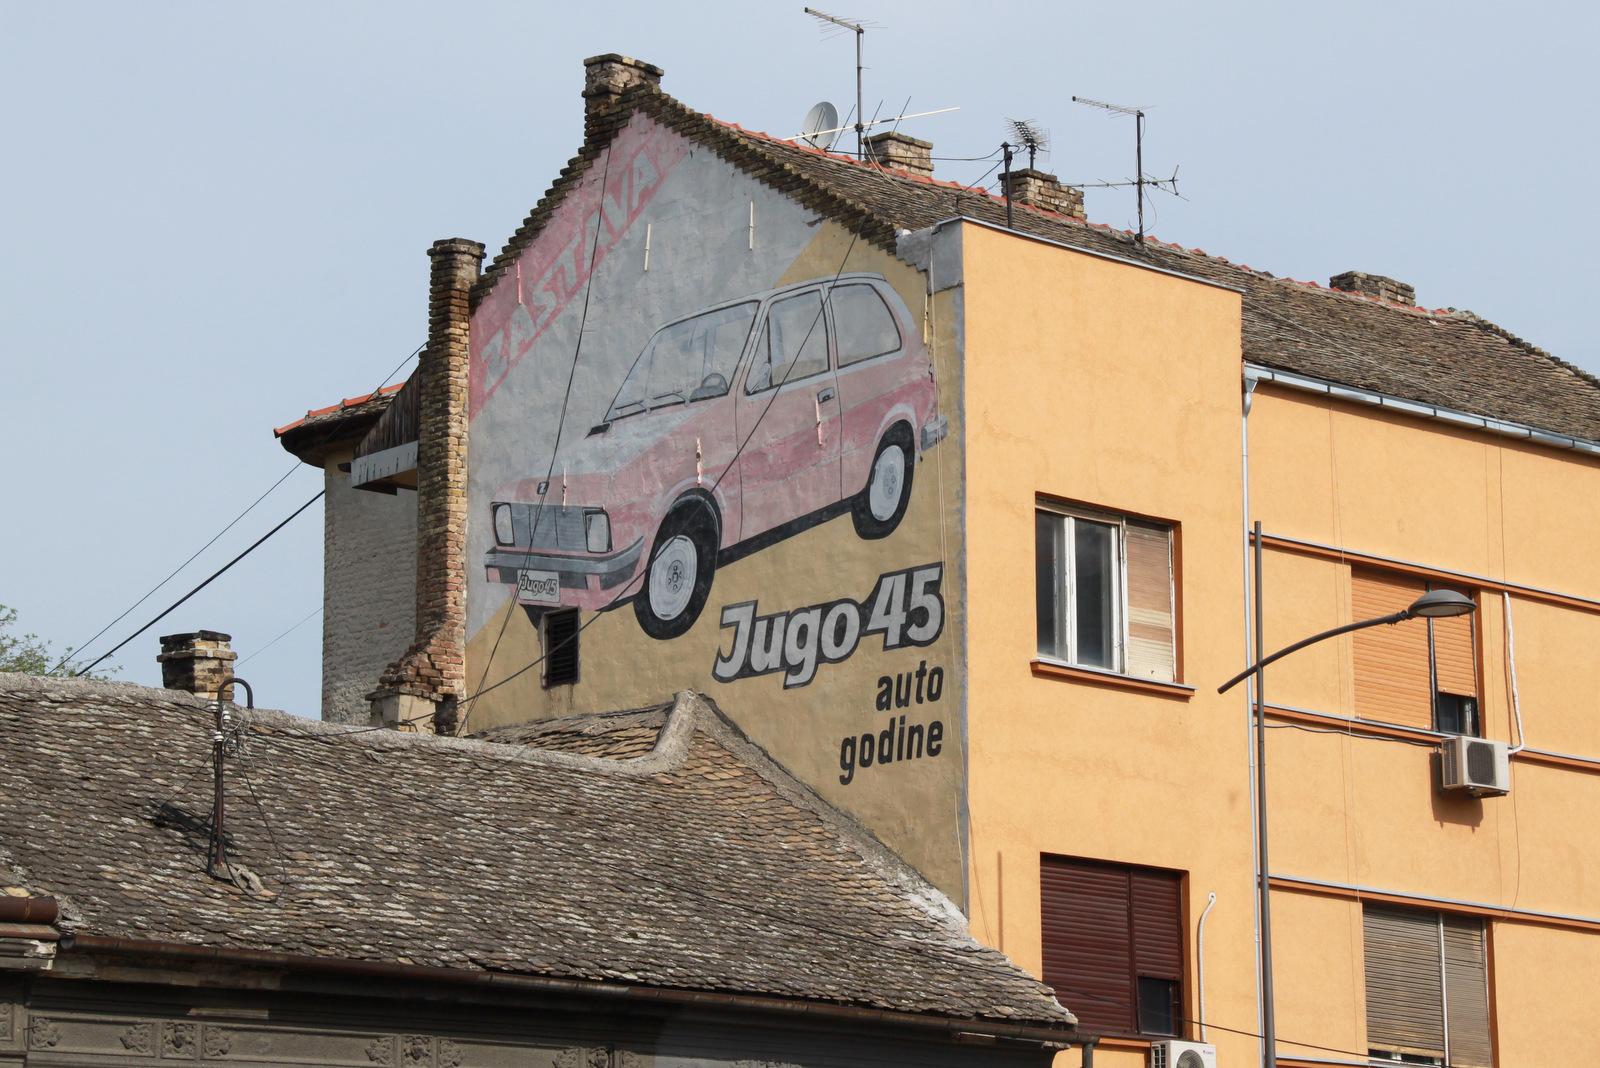 Legendarni Jugo45, poslikava na fasadi hiše